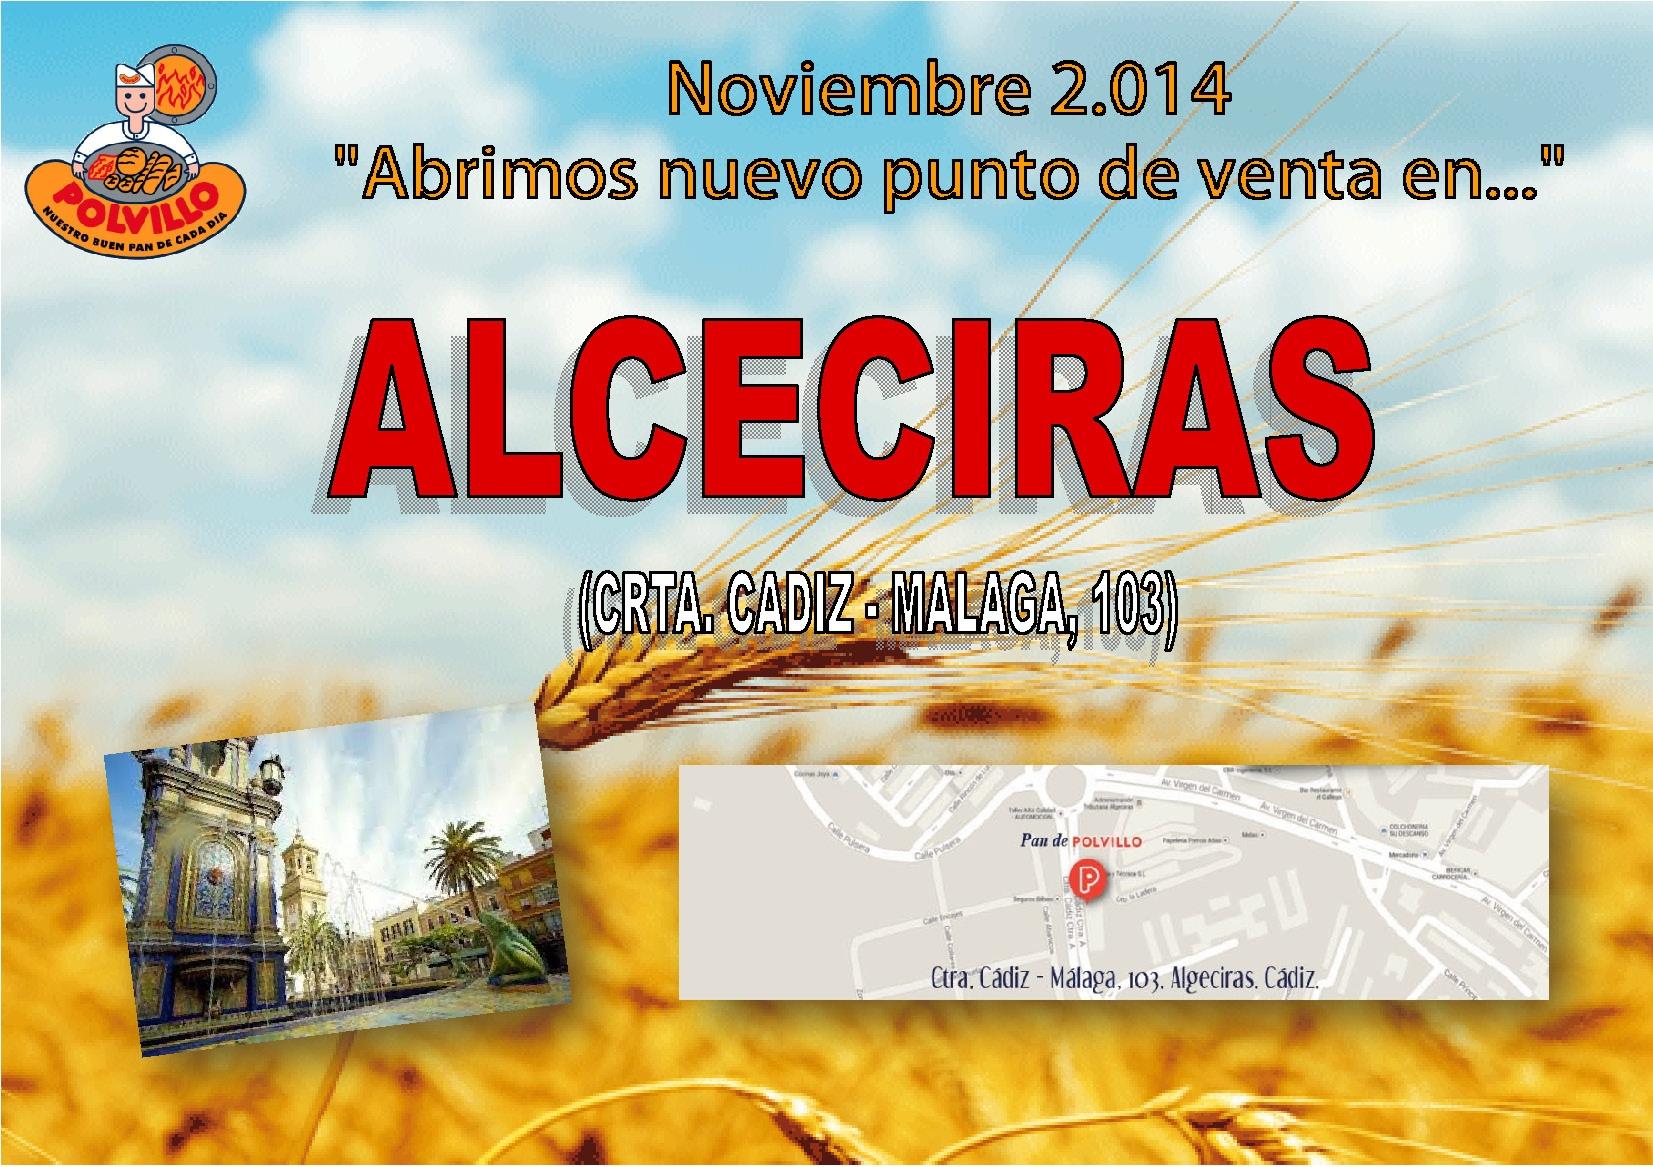 Apertura Algeciras, carretera cadiz-malaga